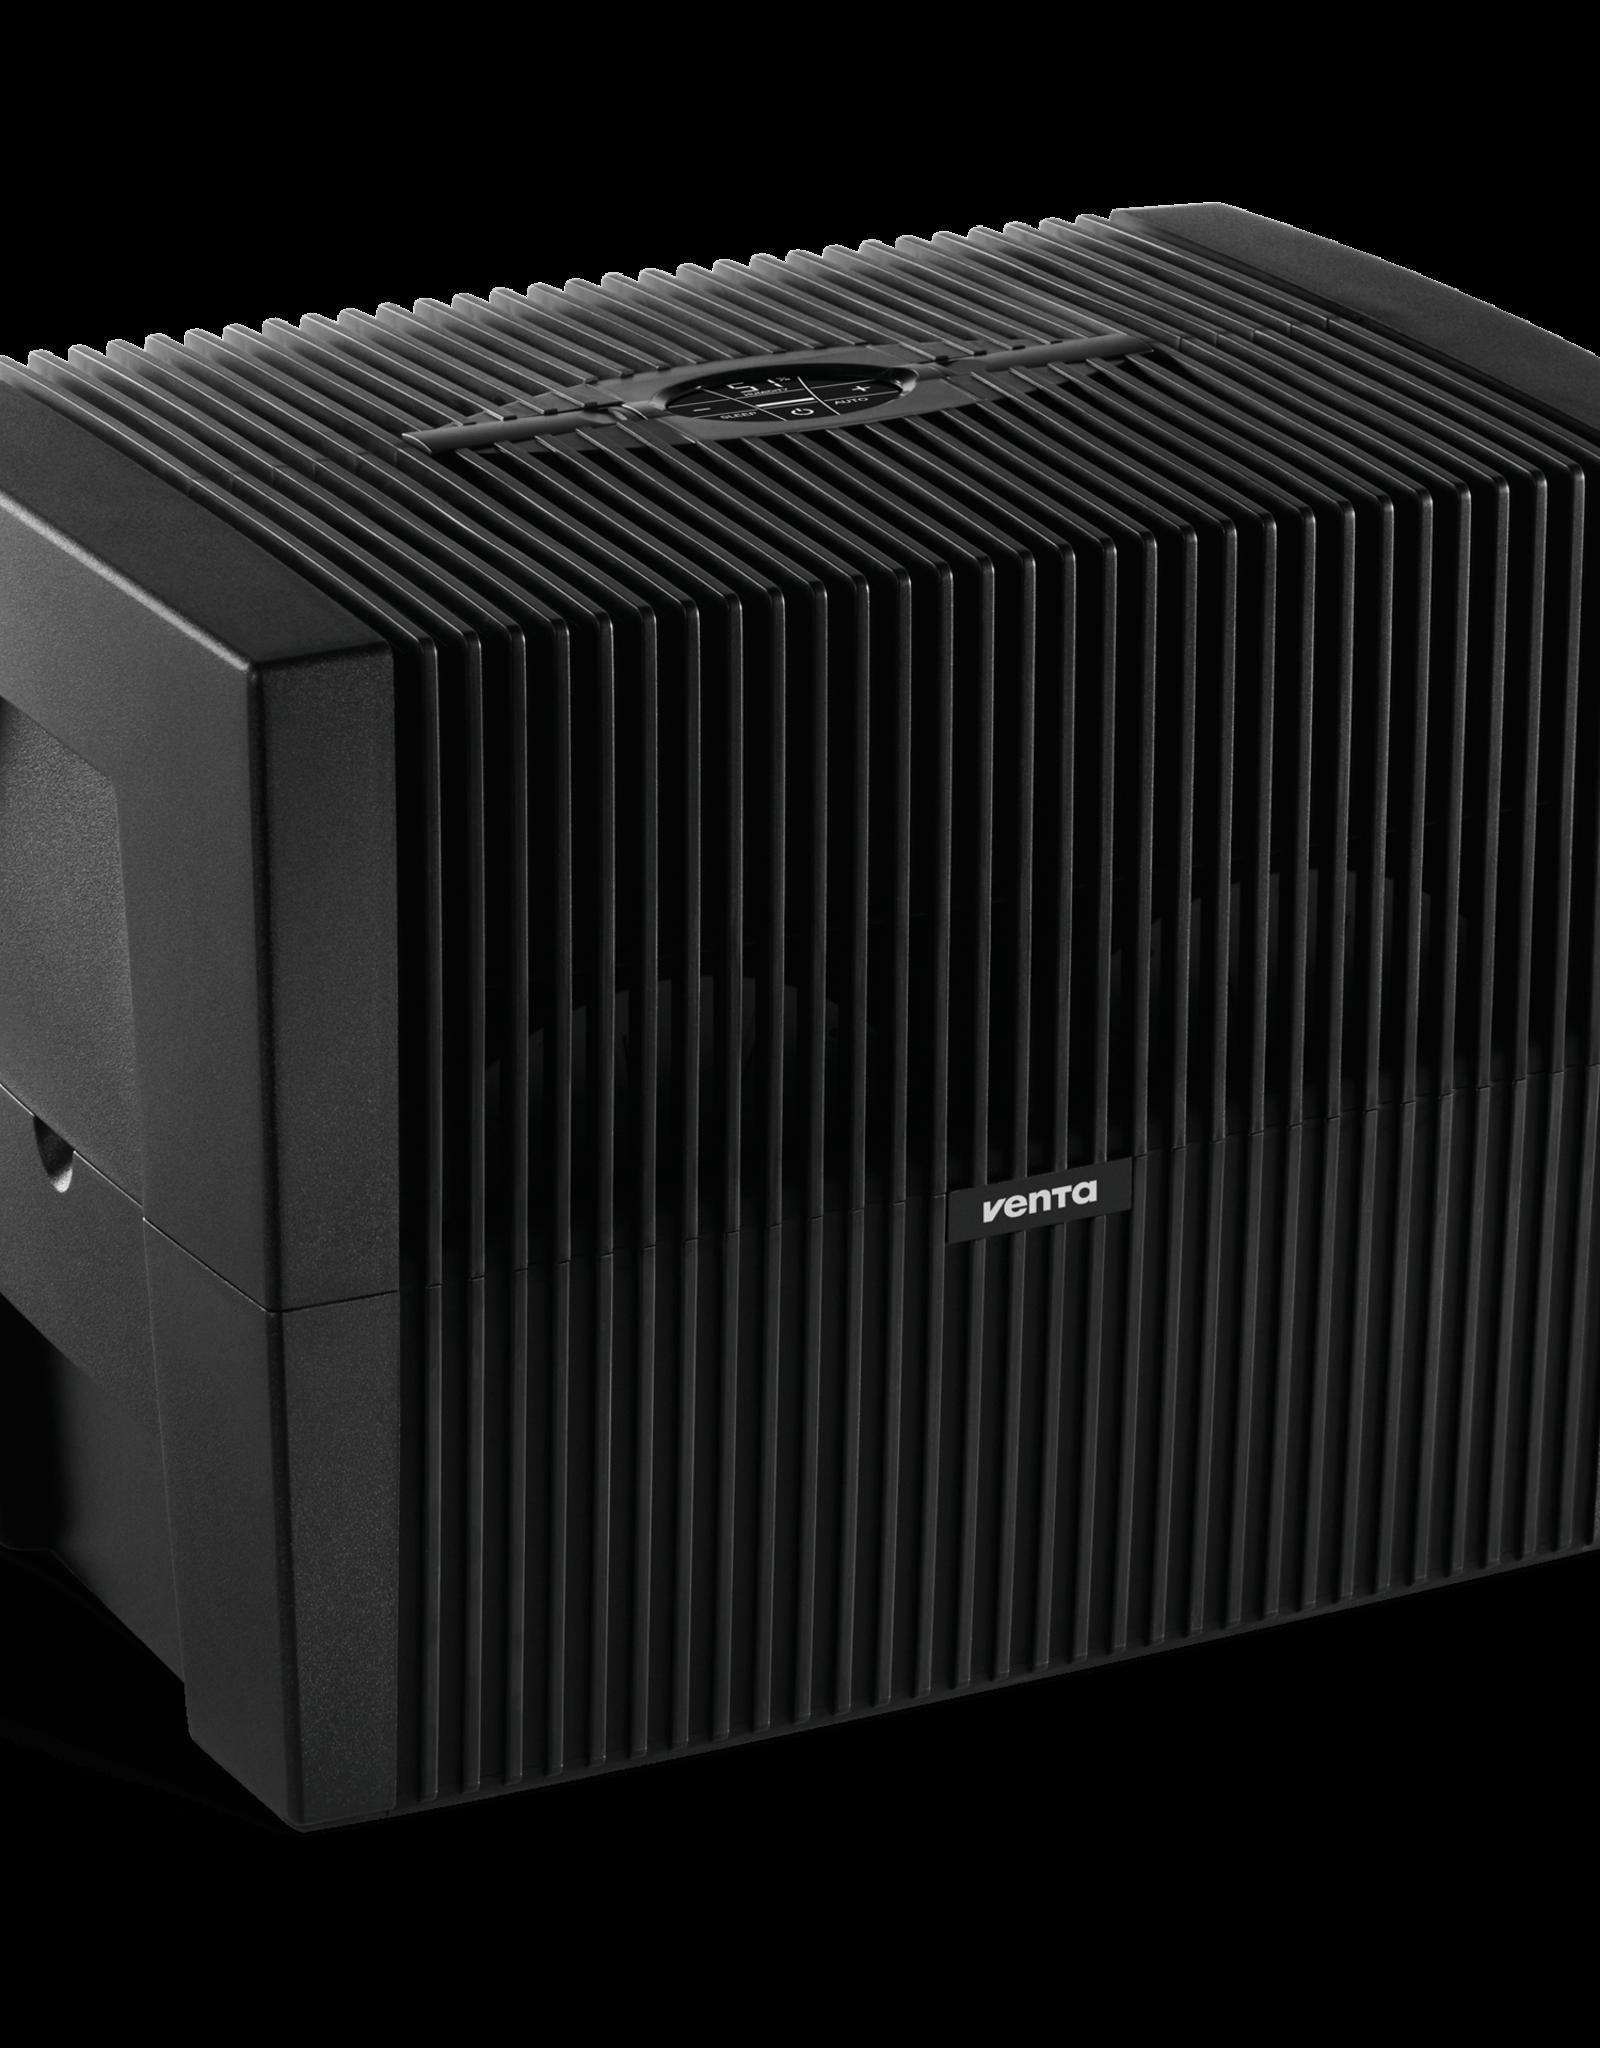 Venta airwasher luchtbevochtiger LW 45 comfort plus, 10 liter met ingebouwde hygrometer